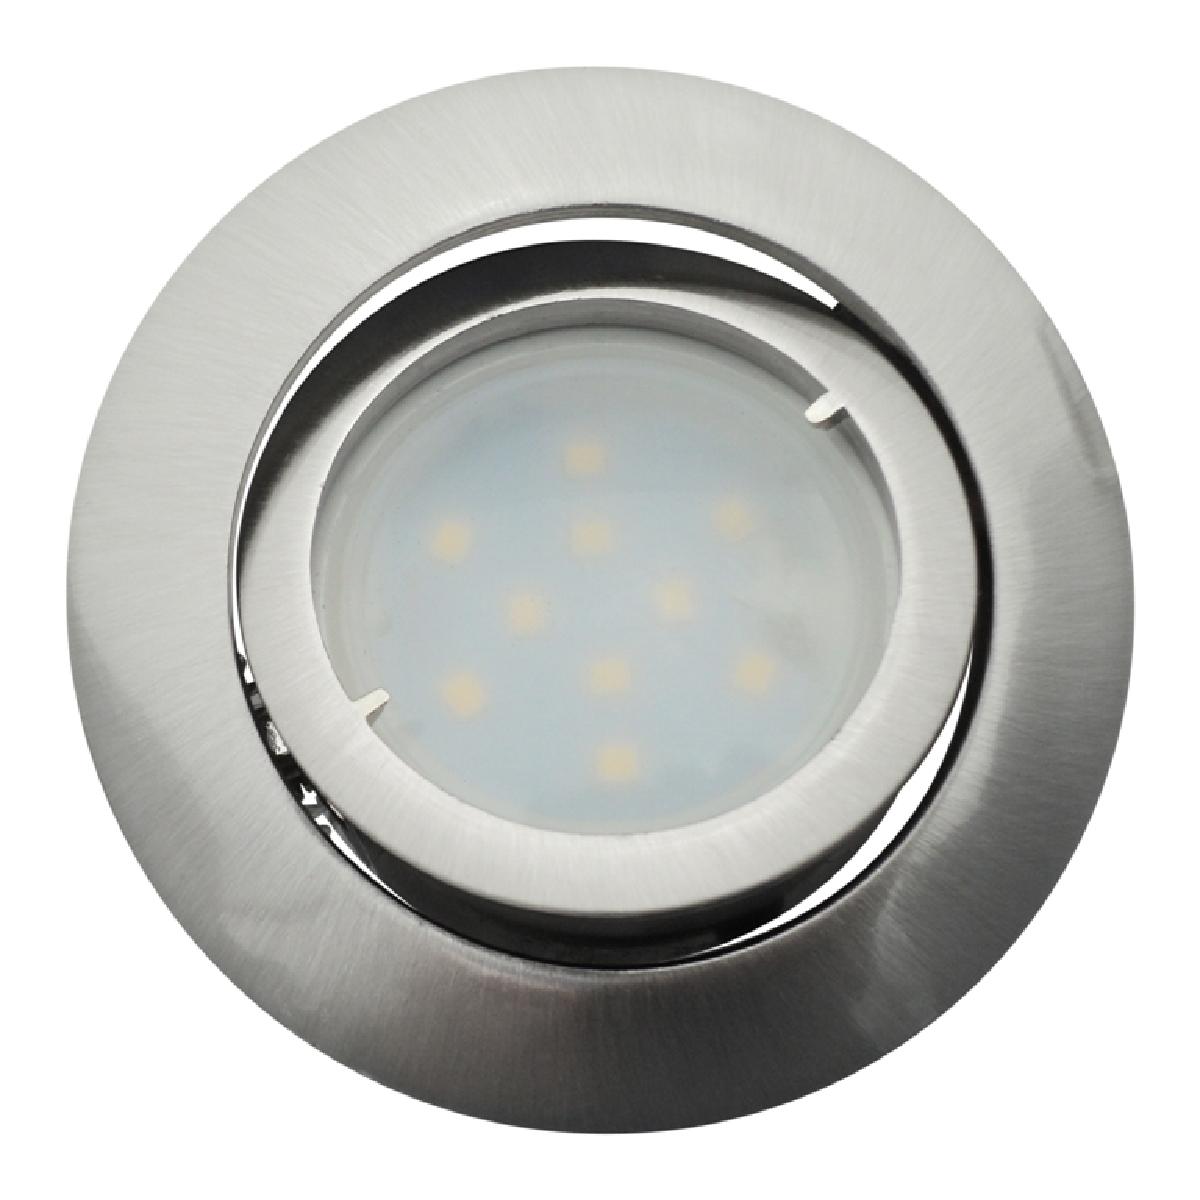 Eurobryte Lot de 15 Spot Led Encastrable Complete Satin Orientable lumière Blanc Chaud eq. 50W ref.209